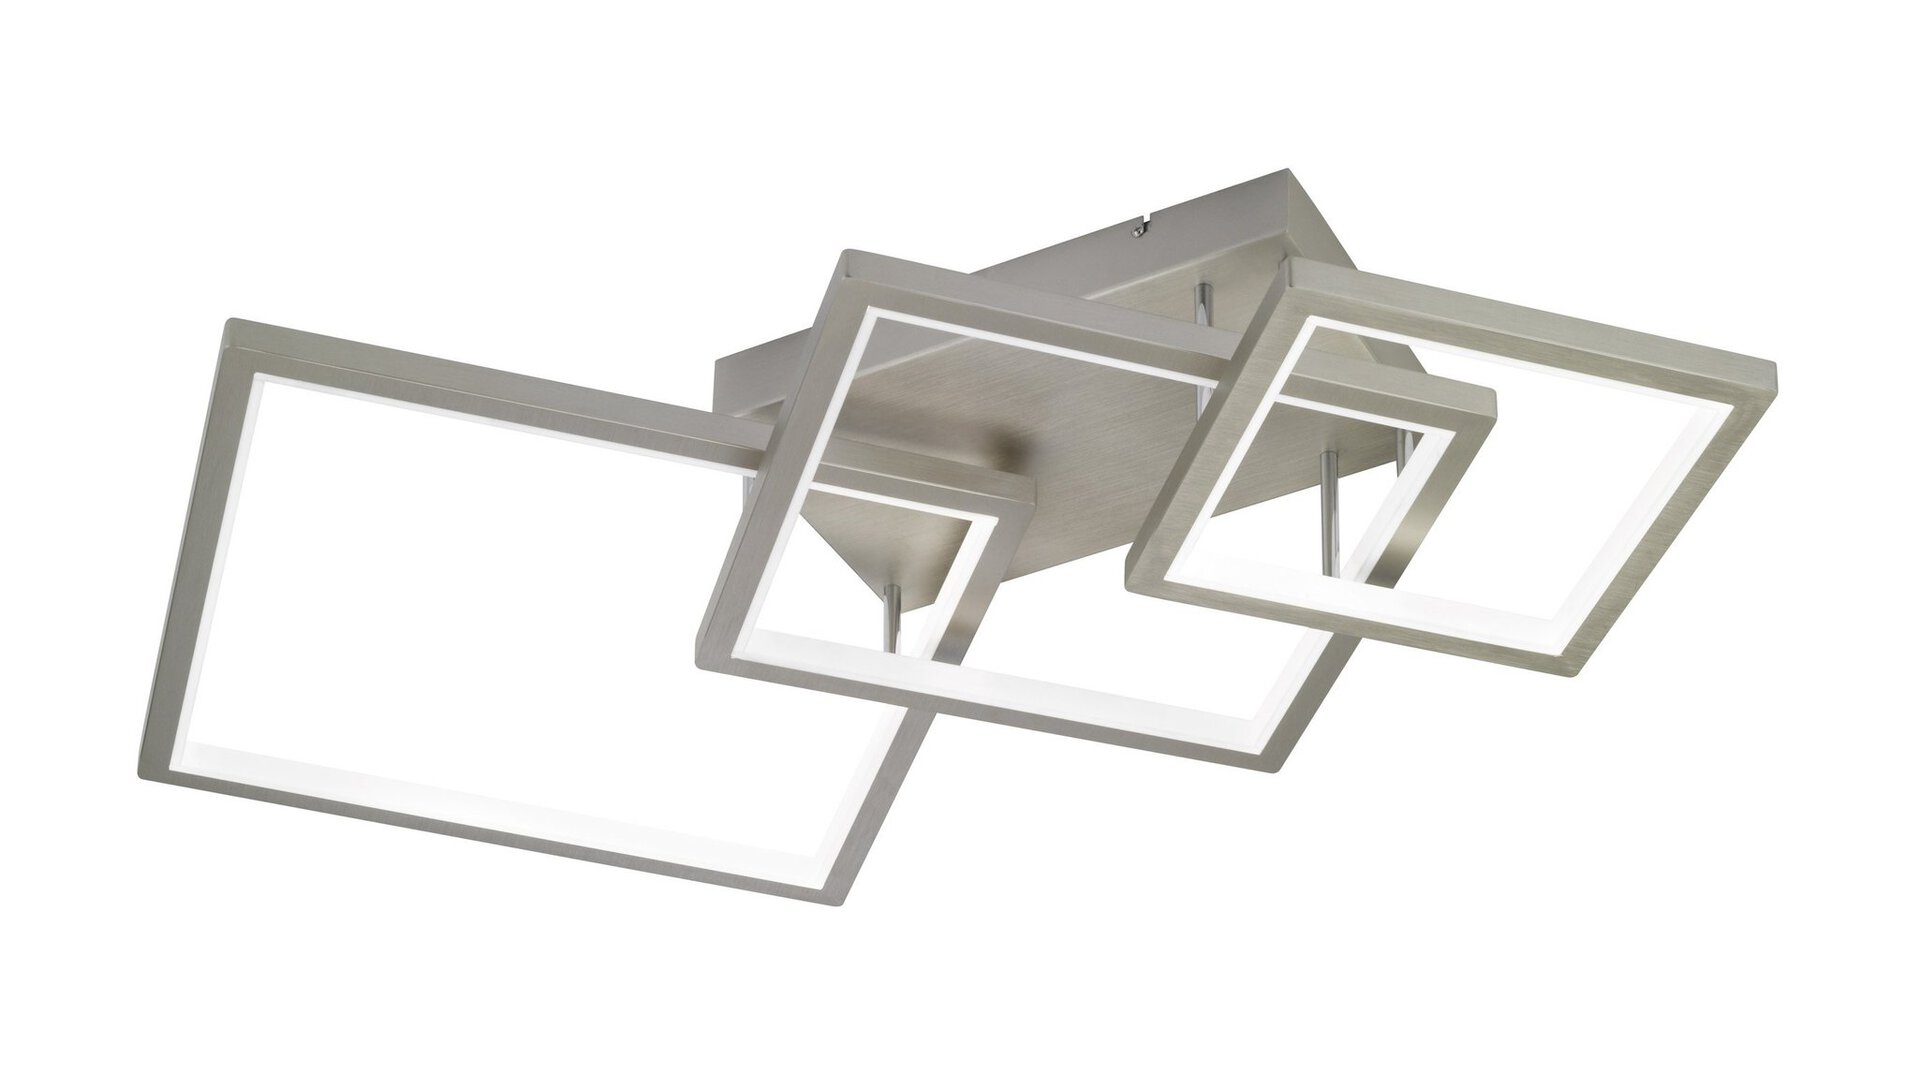 Deckenleuchte Viso Wofi Leuchten Kunststoff 17 x 120 x 72 cm